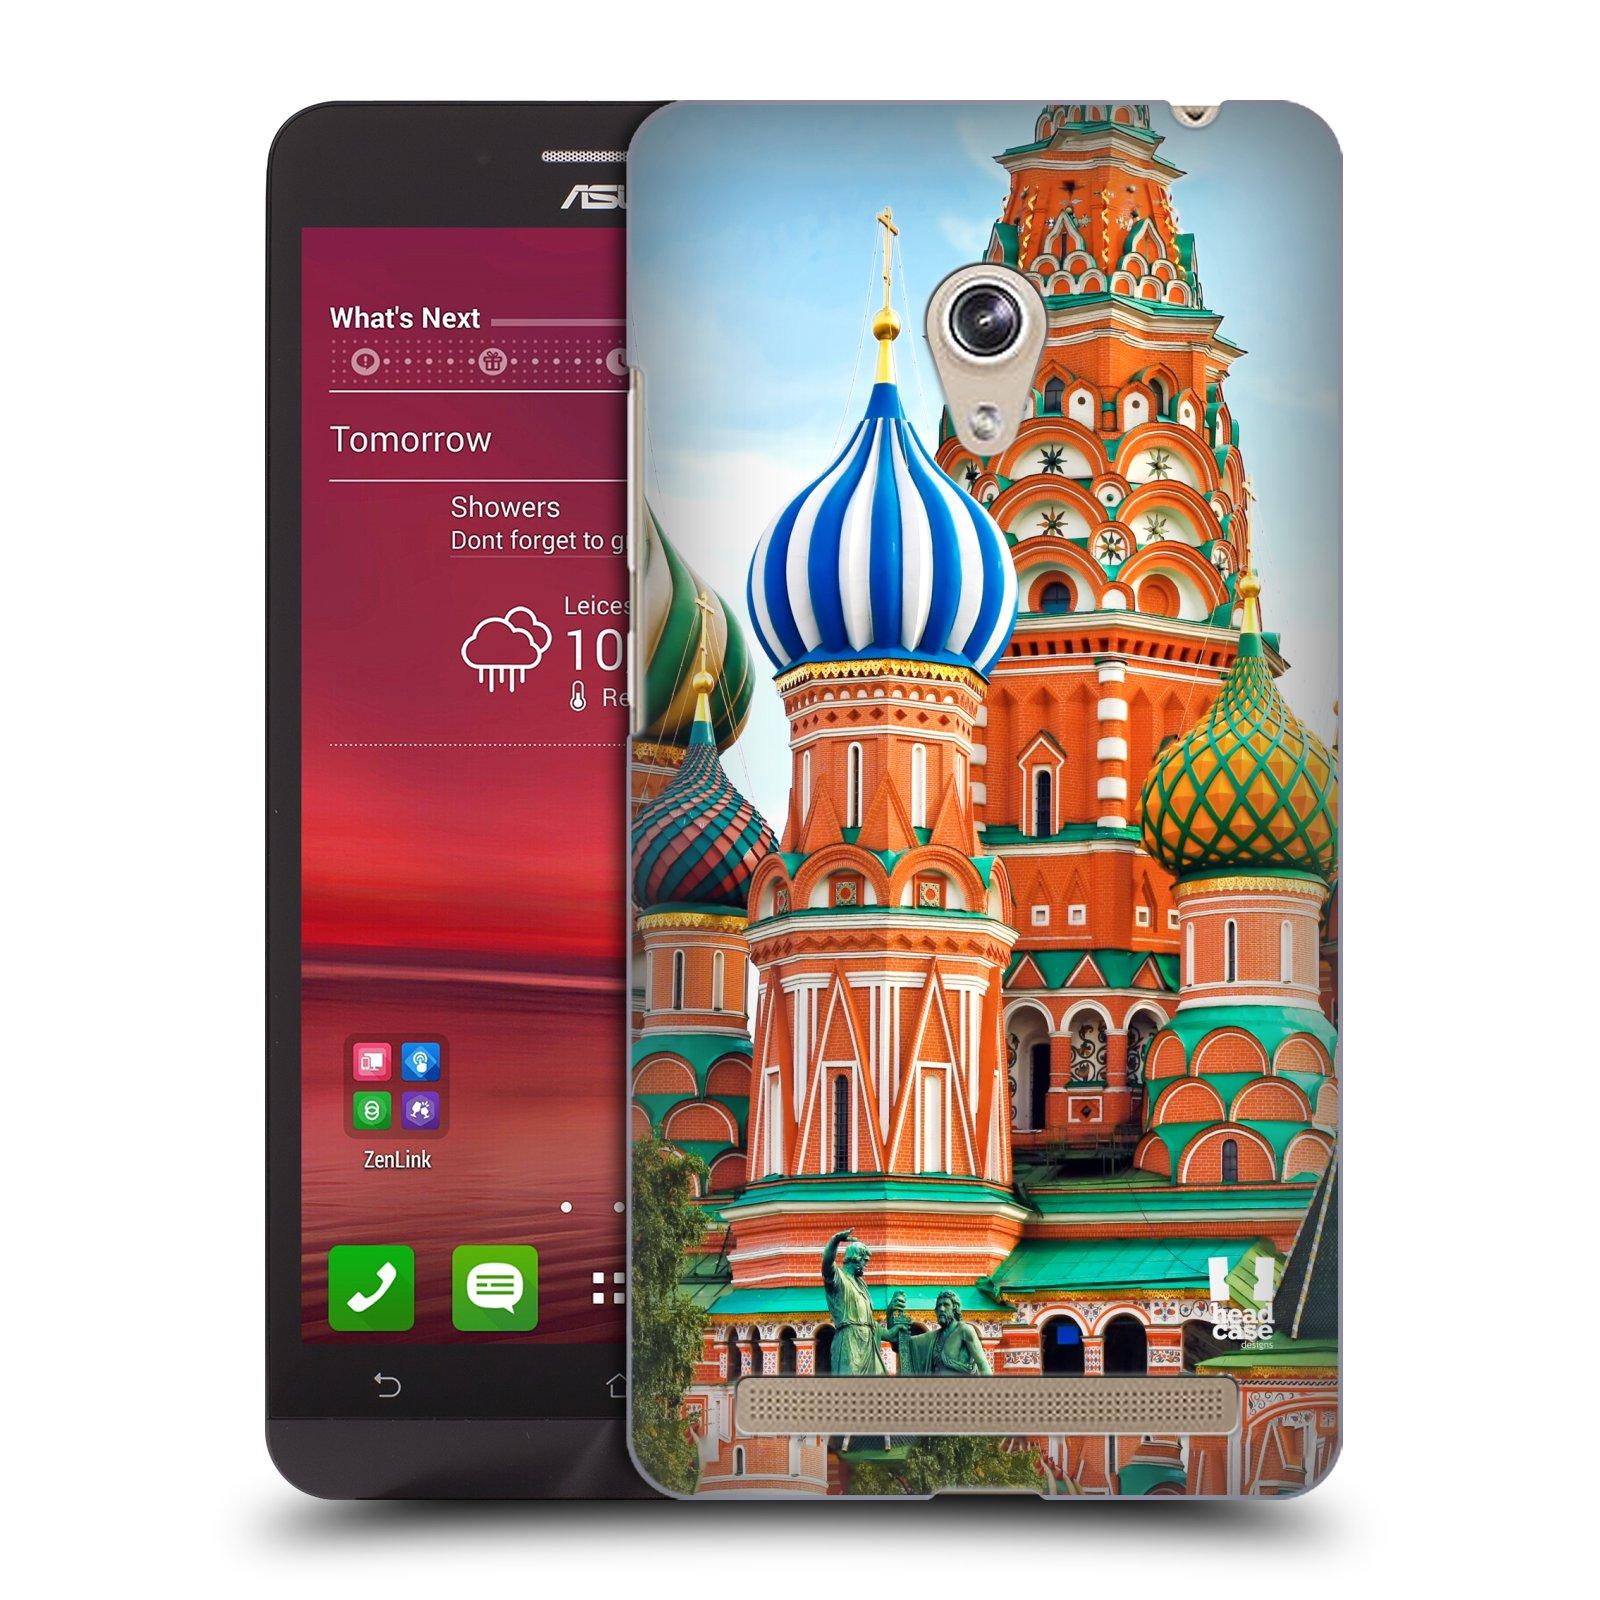 HEAD CASE plastový obal na mobil Asus Zenfone 6 vzor Města foto náměstí RUSKO,MOSKVA, RUDÉ NÁMĚSTÍ